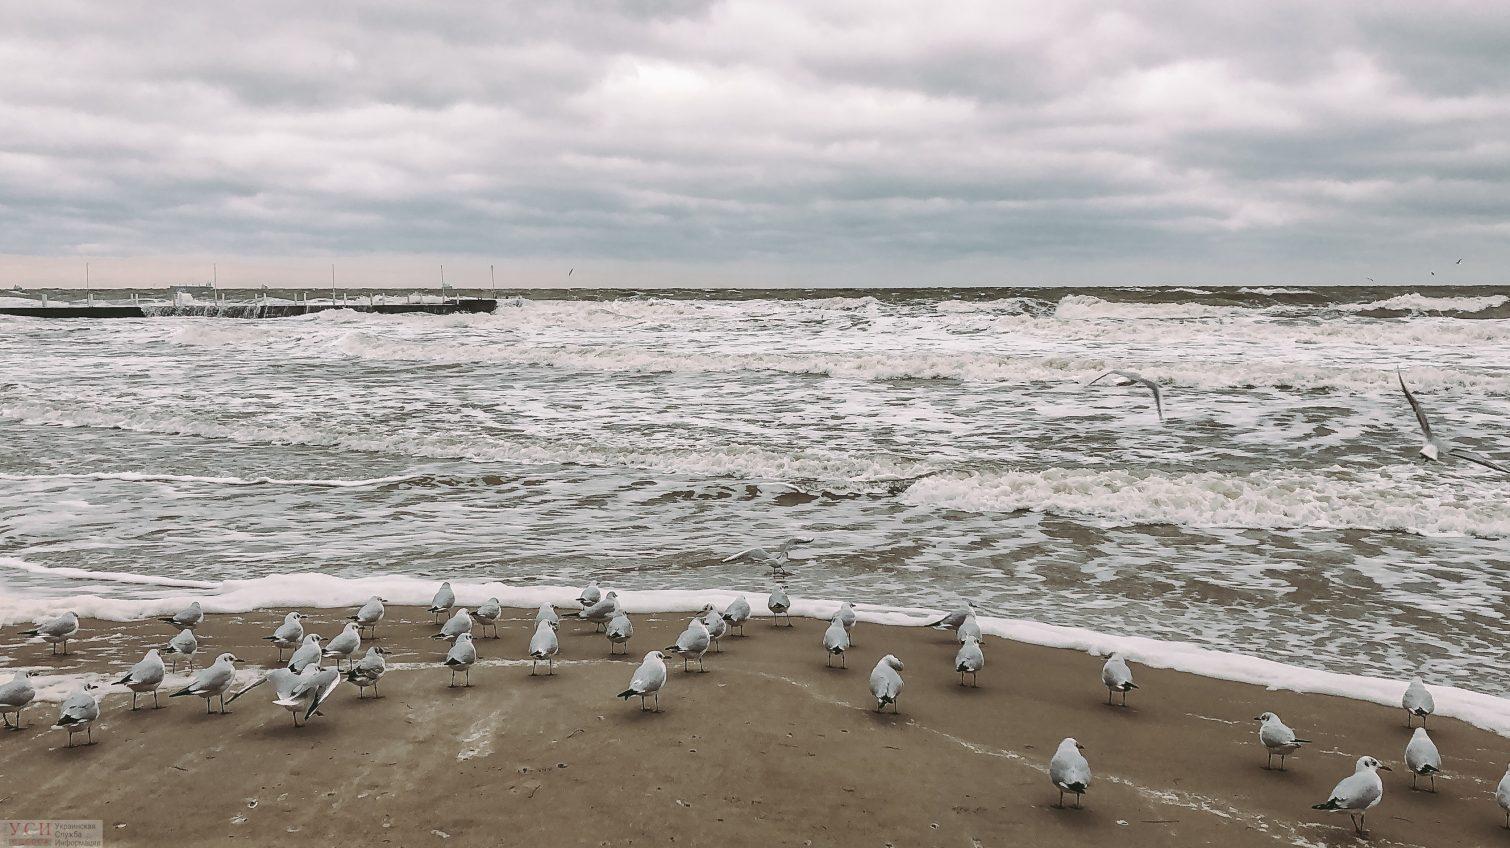 В пятницу в Одессу придут заморозки, а ветер усилится «фото»